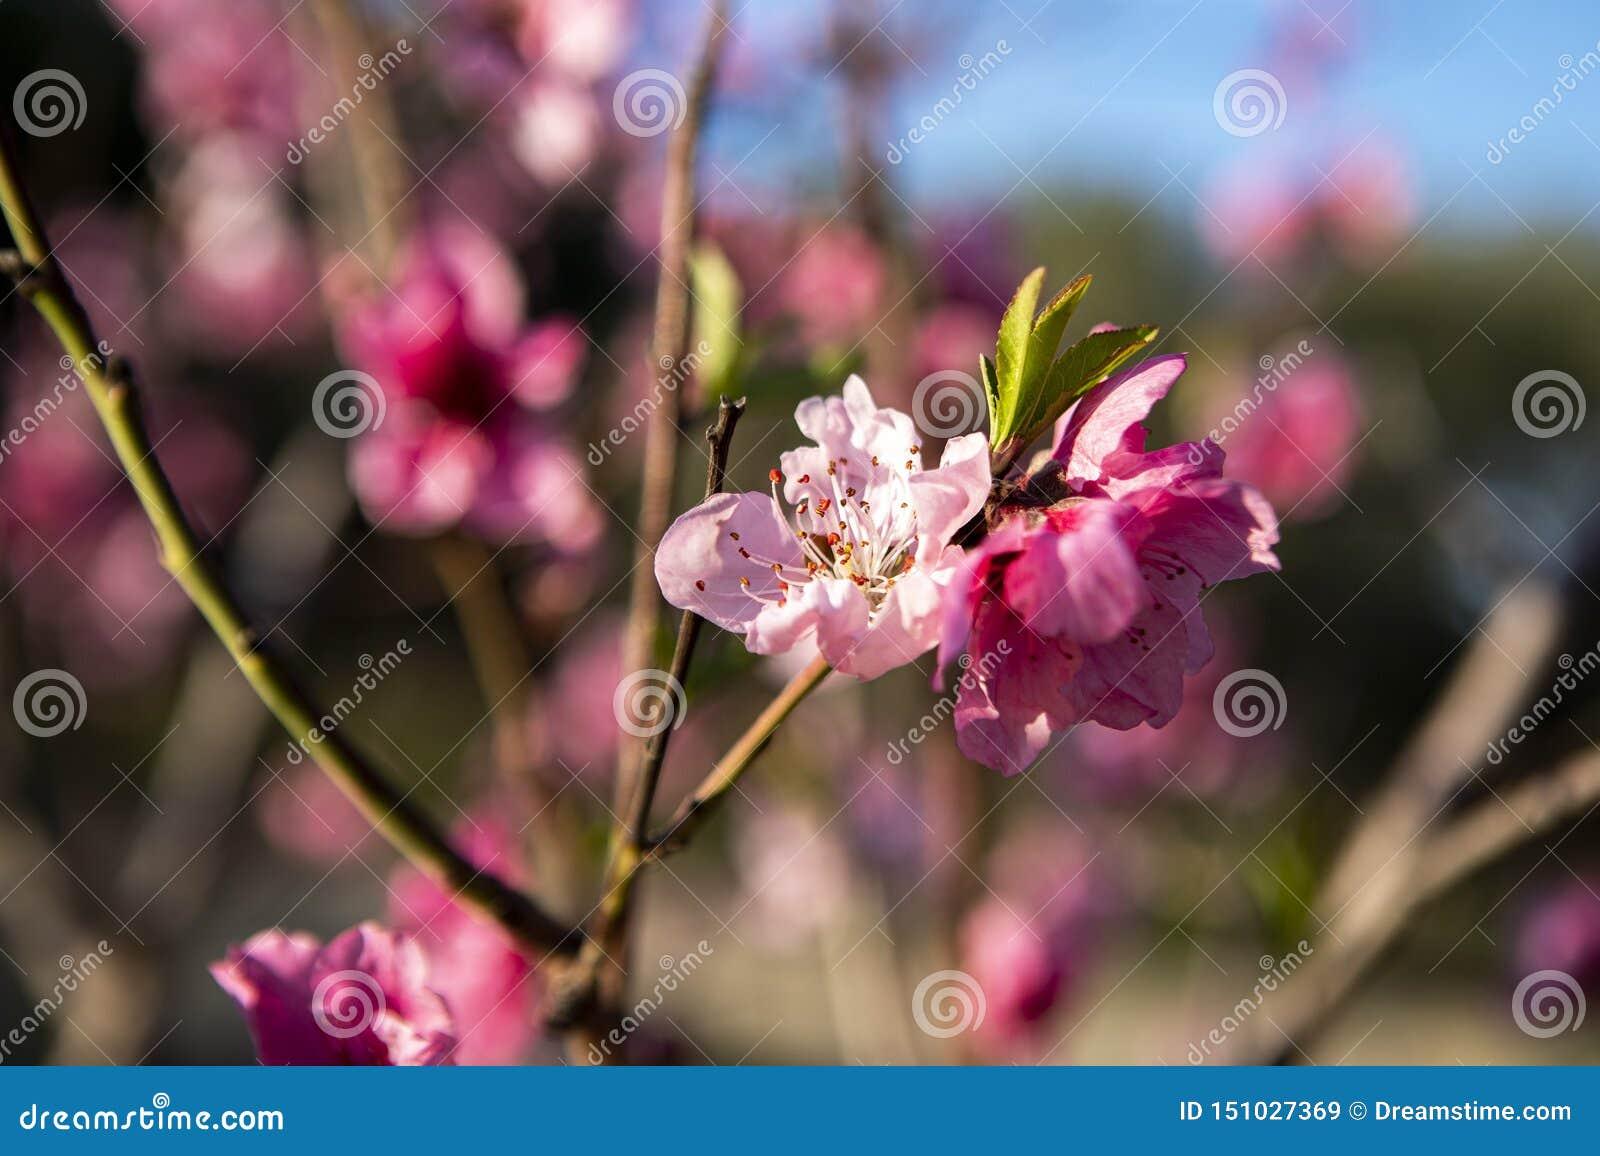 Fundo da natureza da flor do rosa da flor da árvore de pêssego